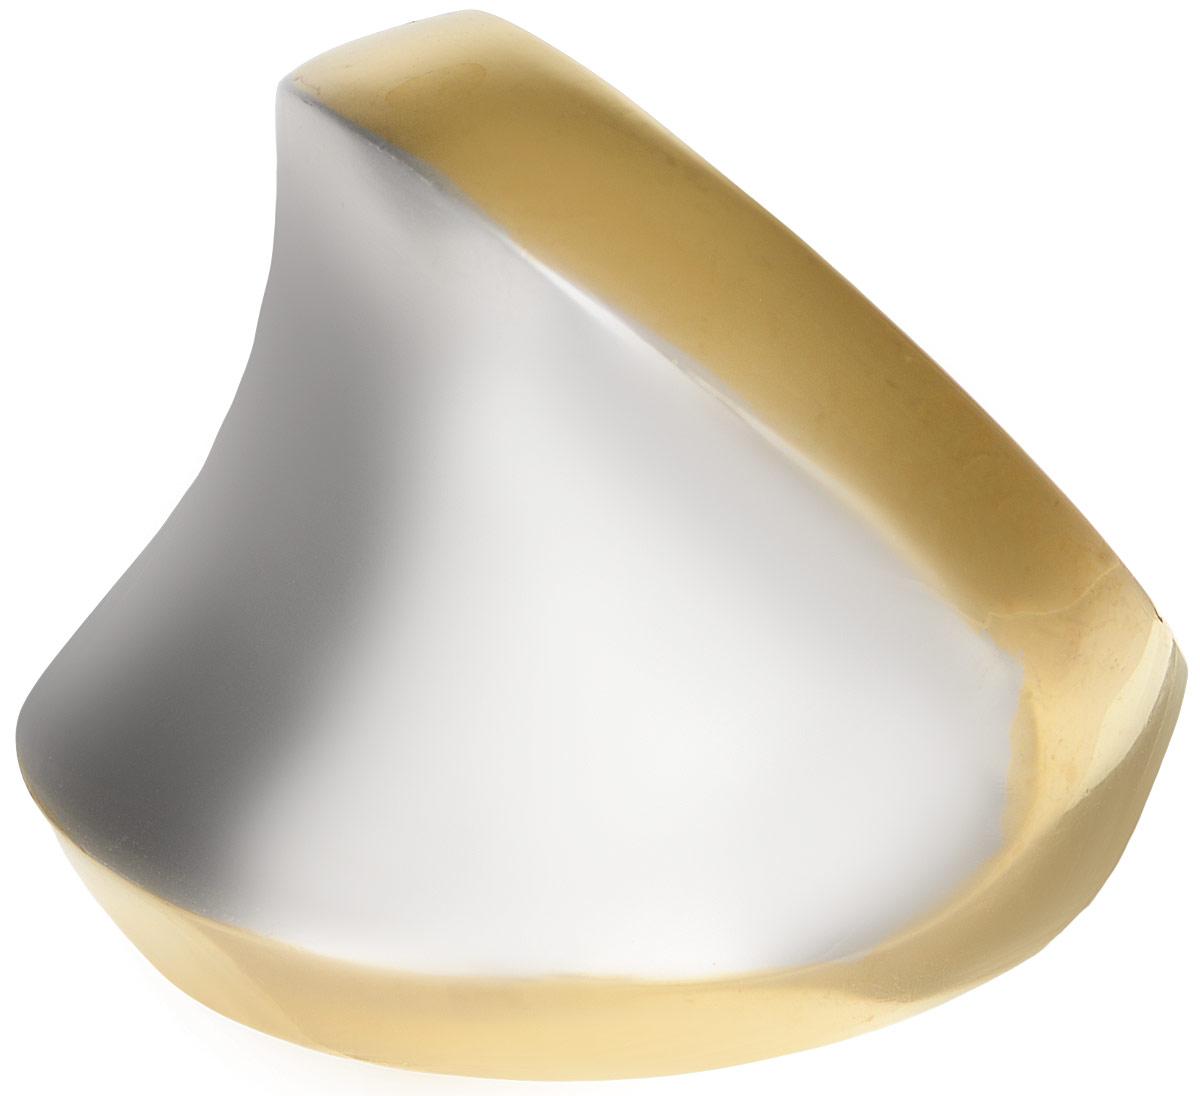 Кольцо Polina Selezneva, цвет: золотистый, серебристый. DG-0026. Размер 19Коктейльное кольцоОригинальное кольцо Polina Selezneva выполнено из металлического сплава. Оформлено изделие интересной вогнутой формы. Такое кольцо это блестящее завершение вашего неповторимого, смелого образа и отличный подарок для ценительницы необычных украшений!